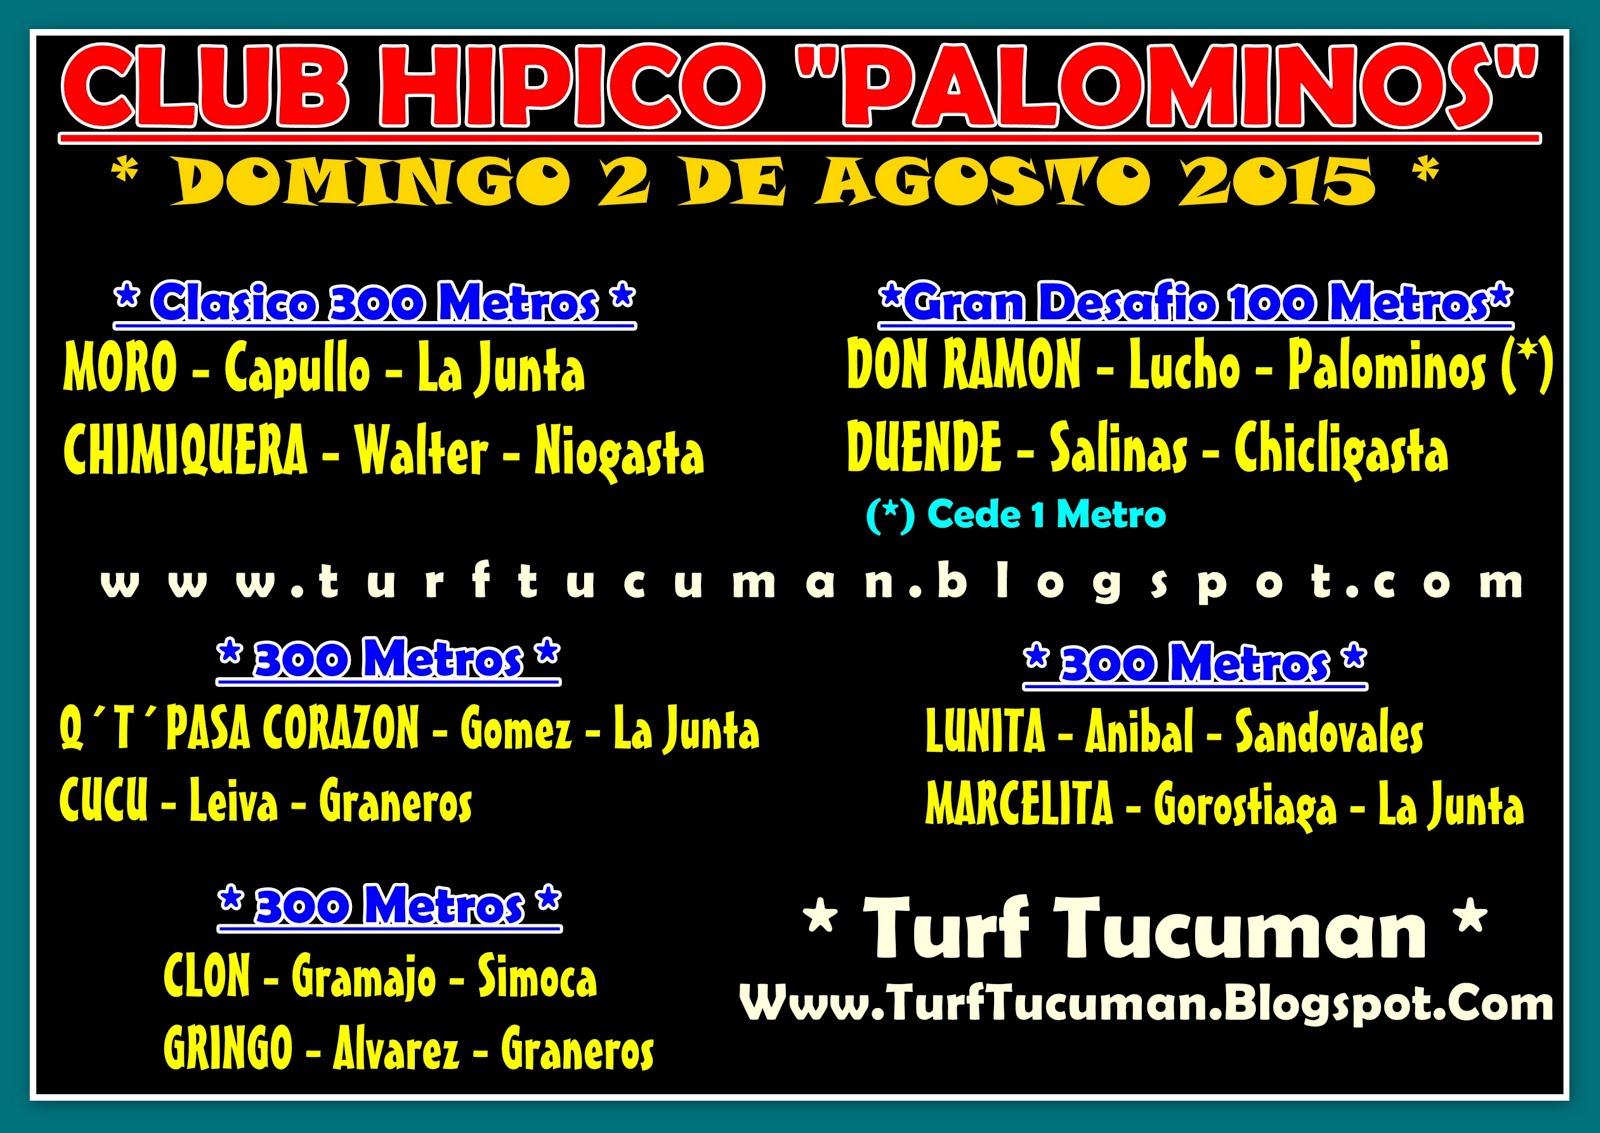 PROG PALOMINOS DGO 2